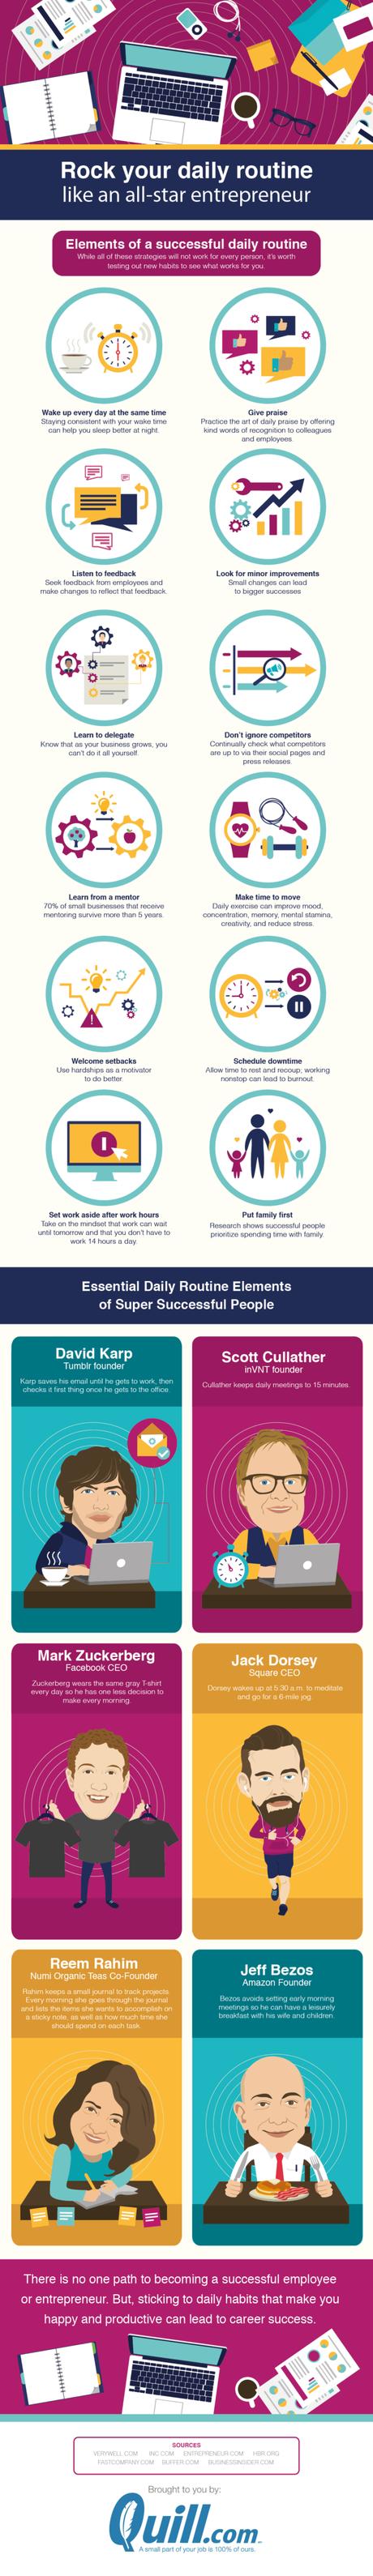 11 estrategias que te ayudarán a sacar el máximo provecho a tu rutina diaria